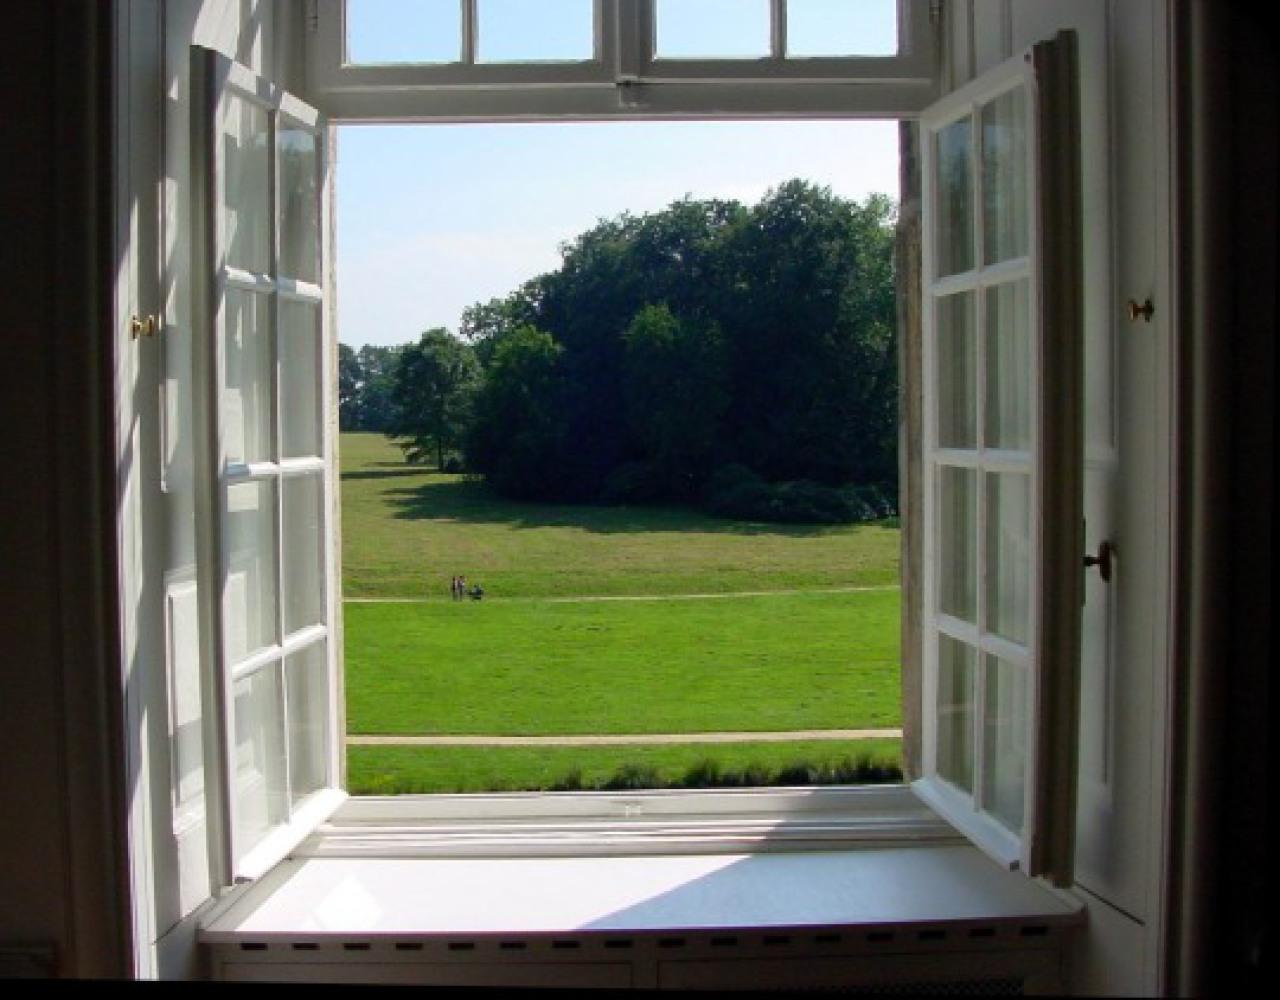 richtig l ften haus haushalt landleben wochenblatt f r landwirtschaft landleben. Black Bedroom Furniture Sets. Home Design Ideas